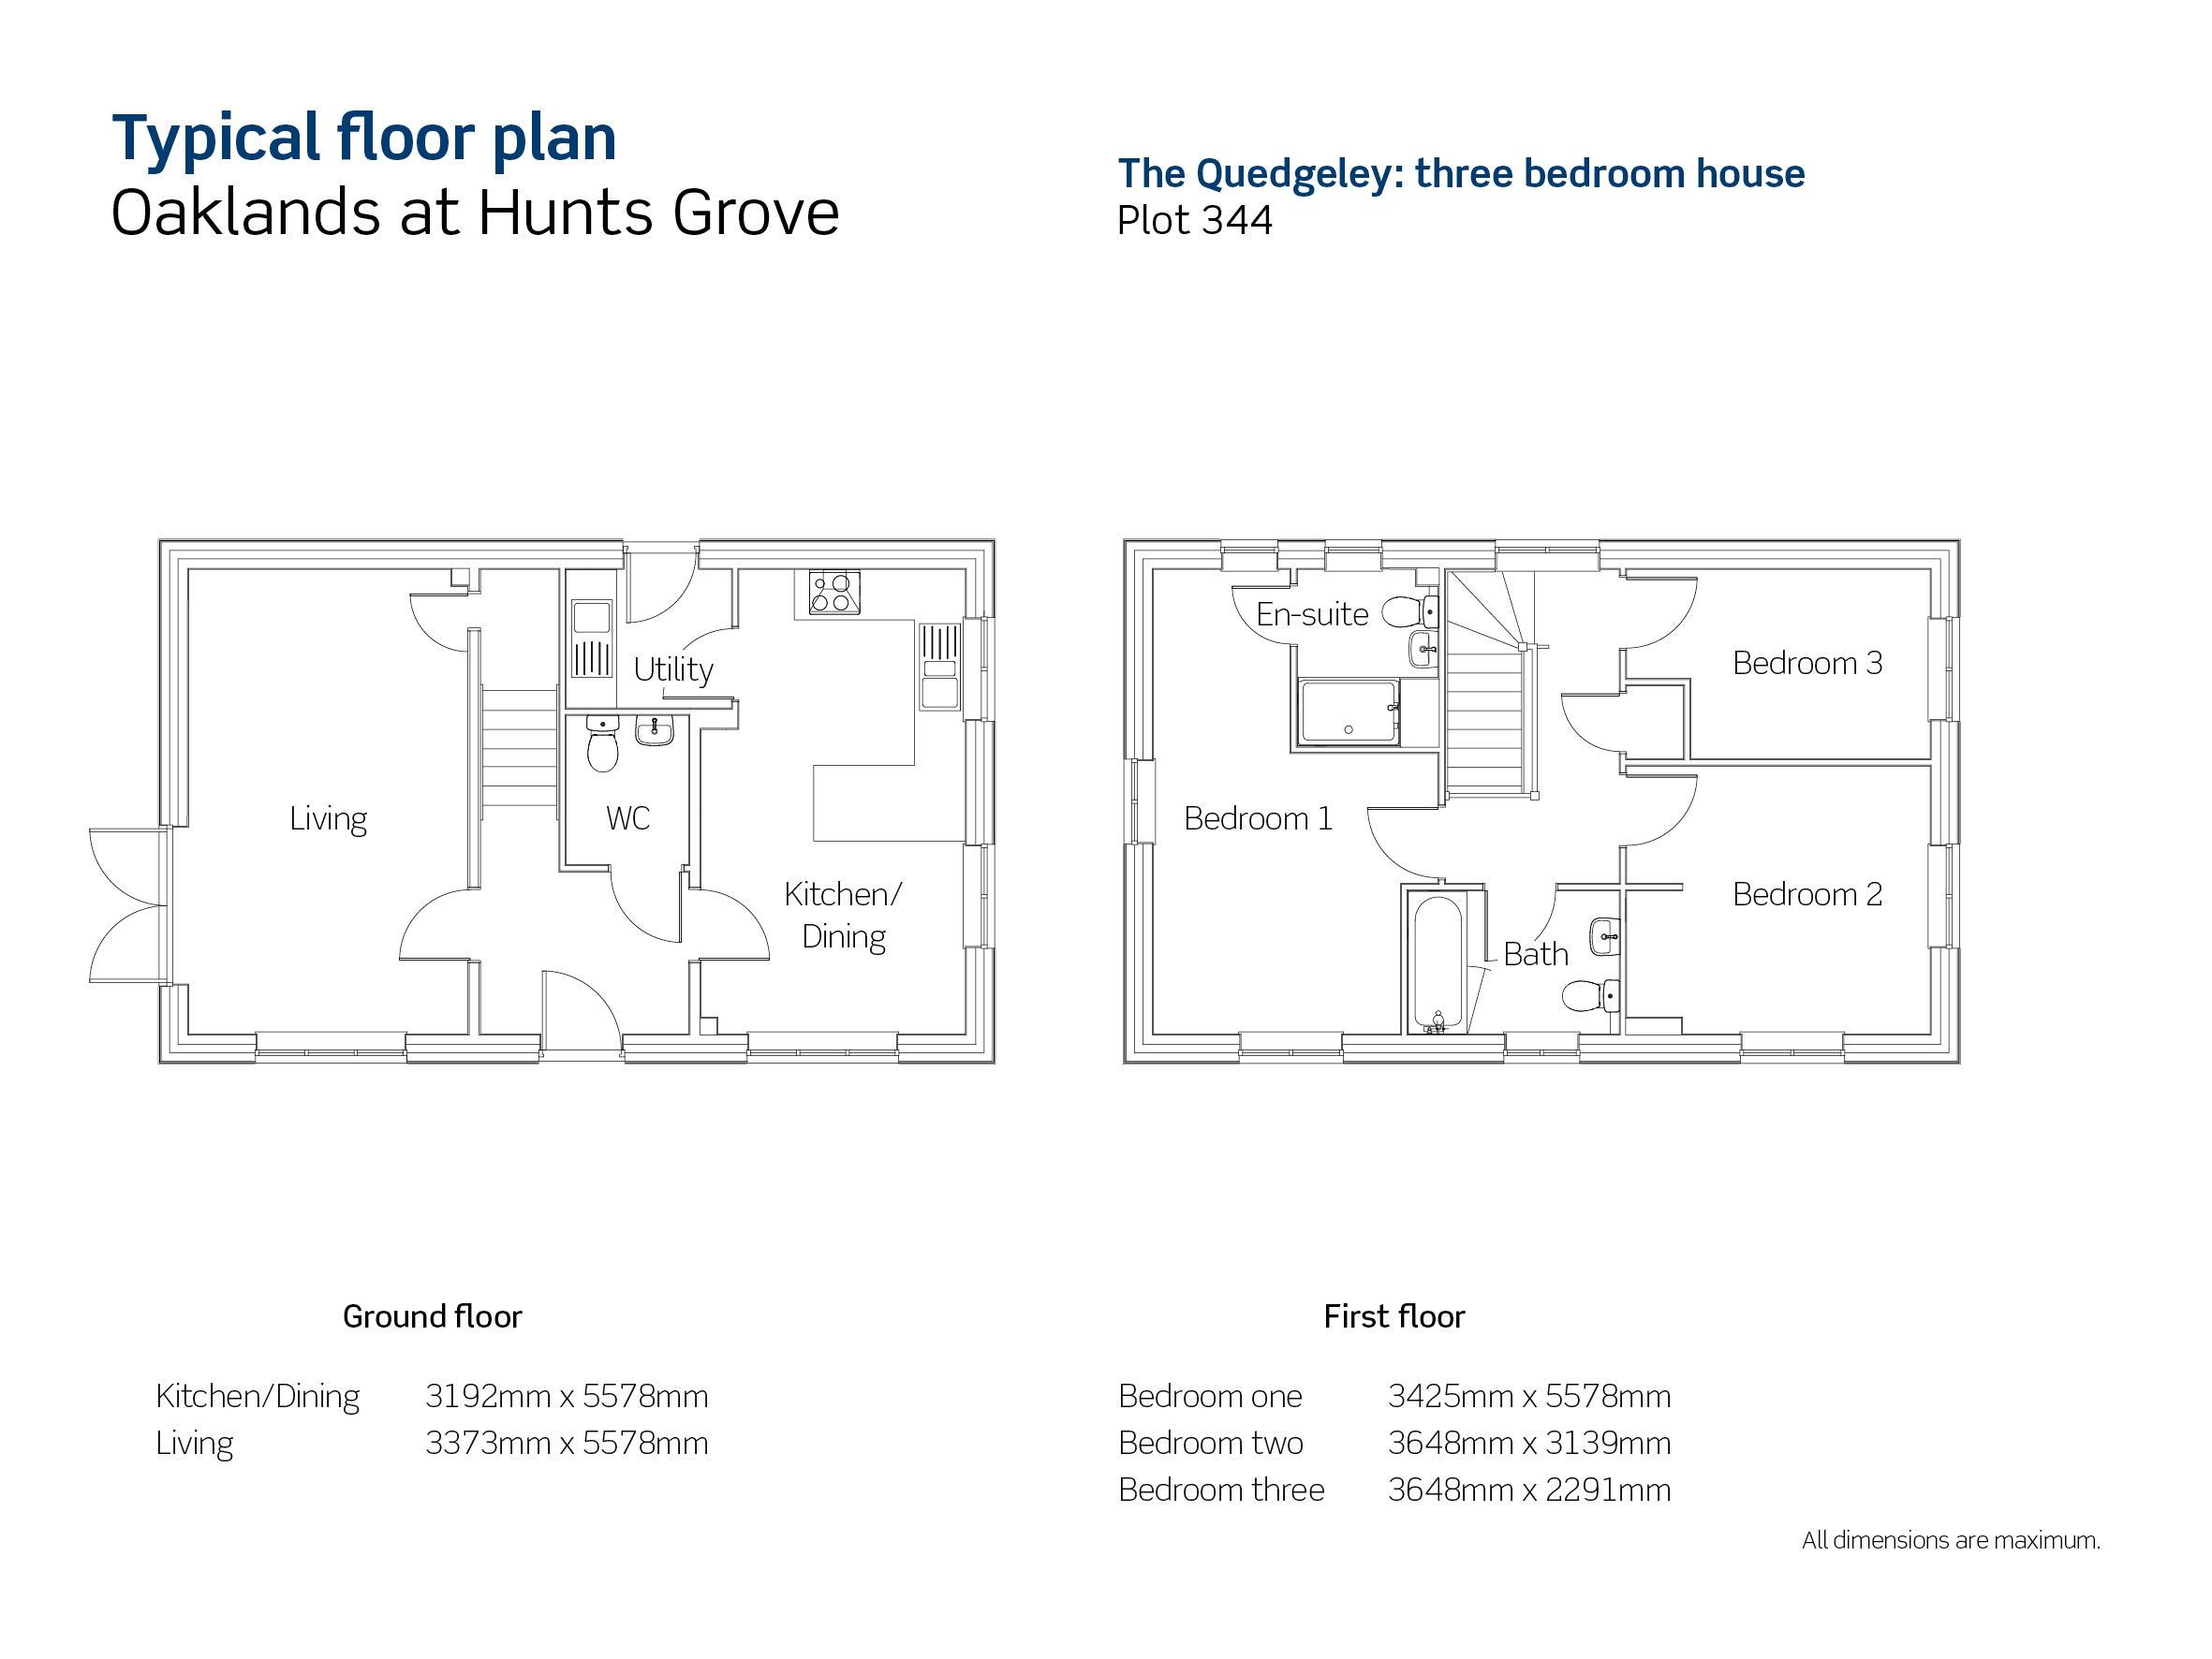 Drawing of Oaklands The Quedgeley floor plan